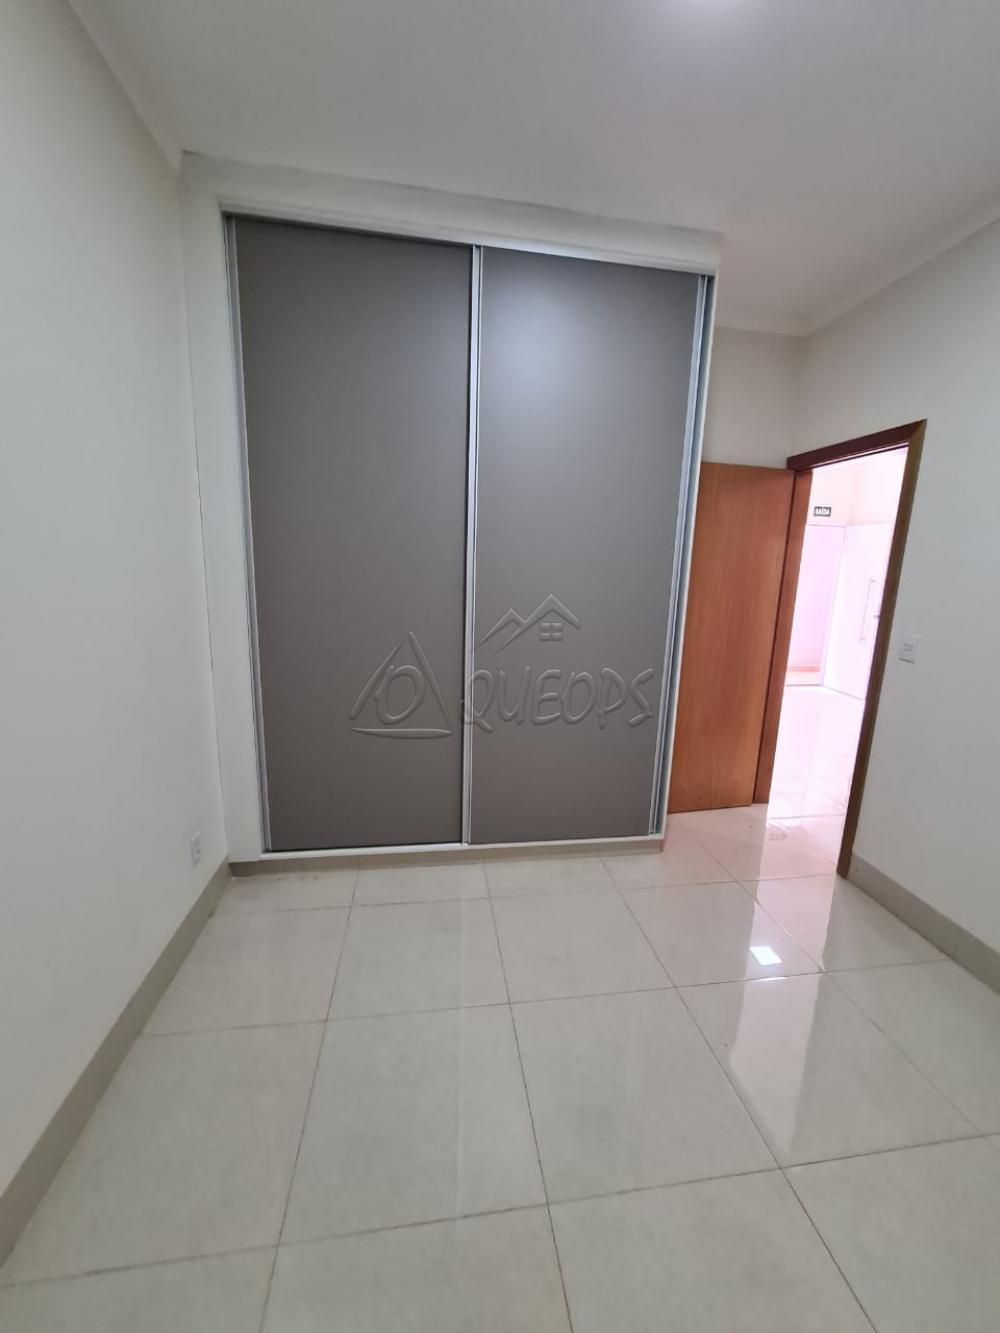 Comprar Apartamento / Padrão em Barretos apenas R$ 220.000,00 - Foto 9